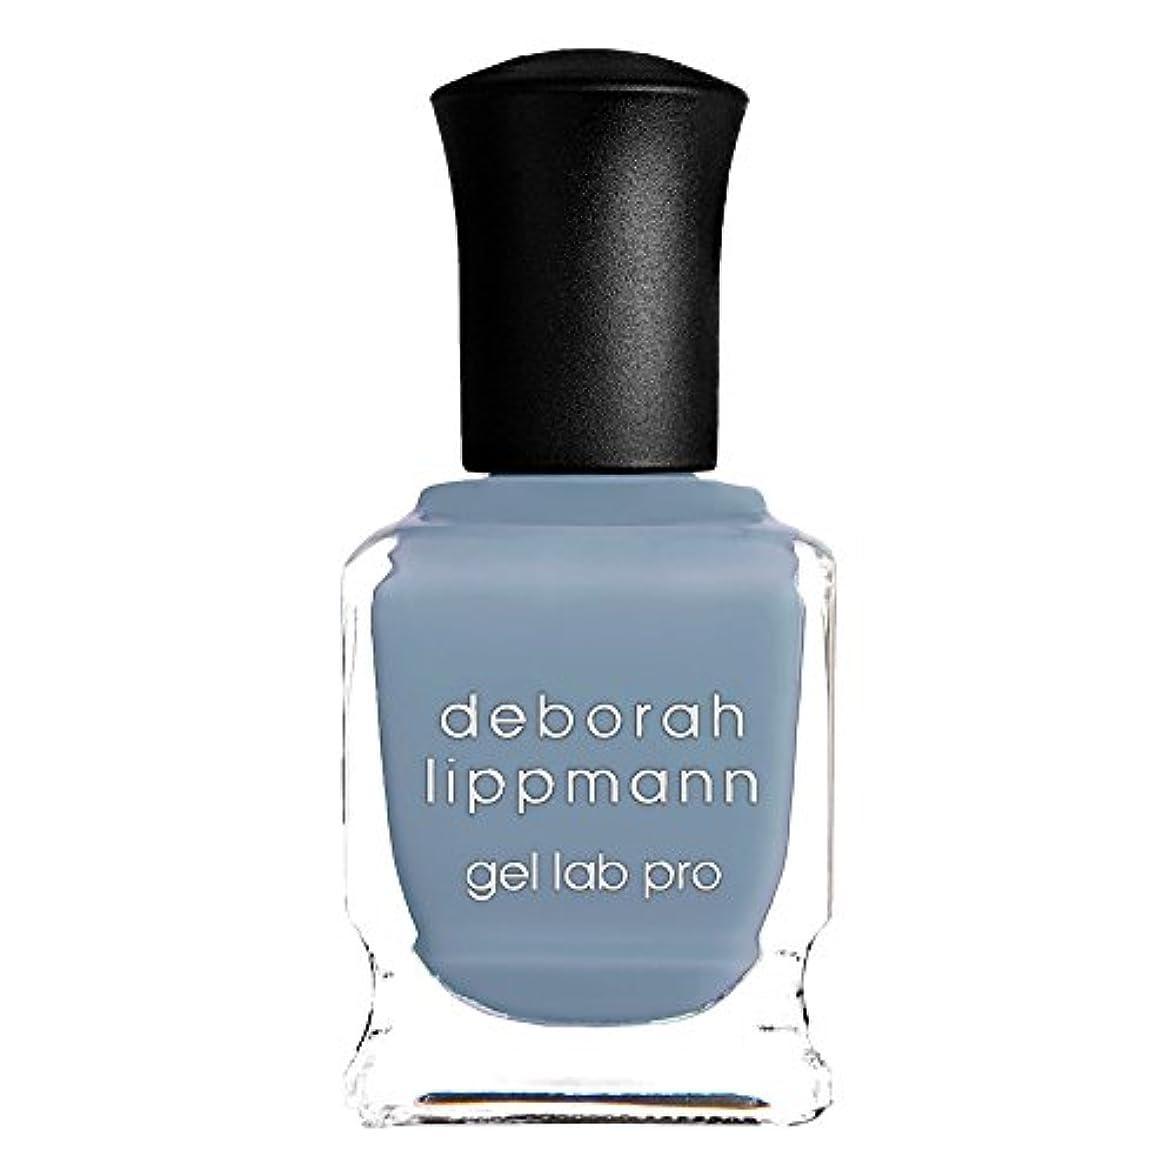 防止区物理的に[Deborah Lippmann] デボラリップマン ジェルラボプロ シー オブ ラブ SEA OF LOVE ブルー系 15mL